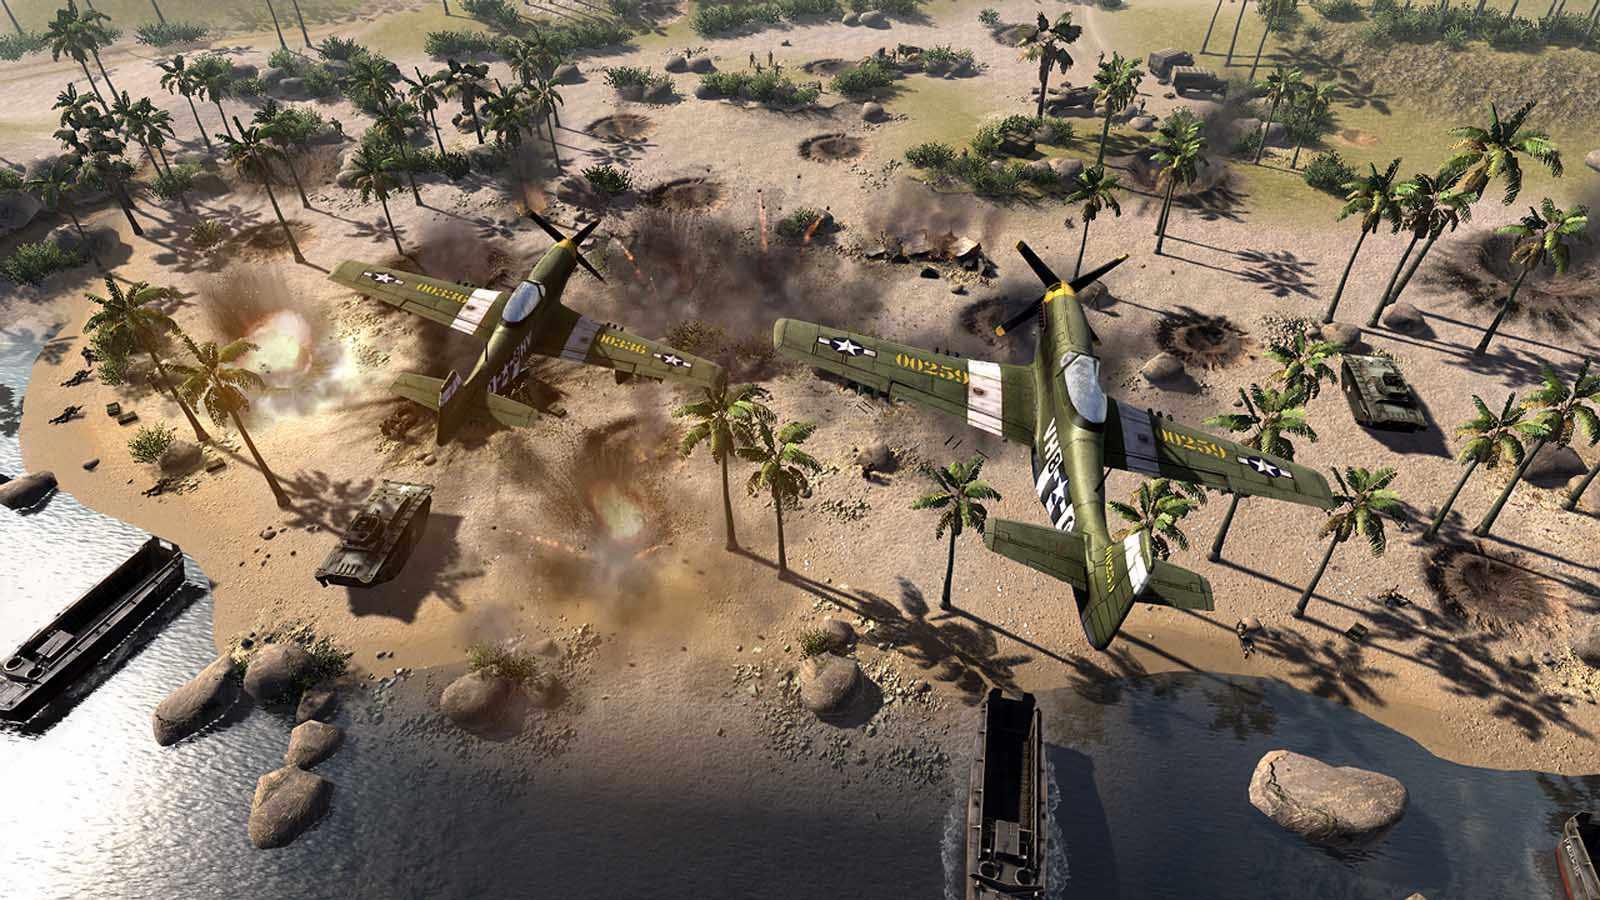 تحميل لعبة Men Of War Assault Squad 2 مضغوطة كاملة بروابط مباشرة مجانا